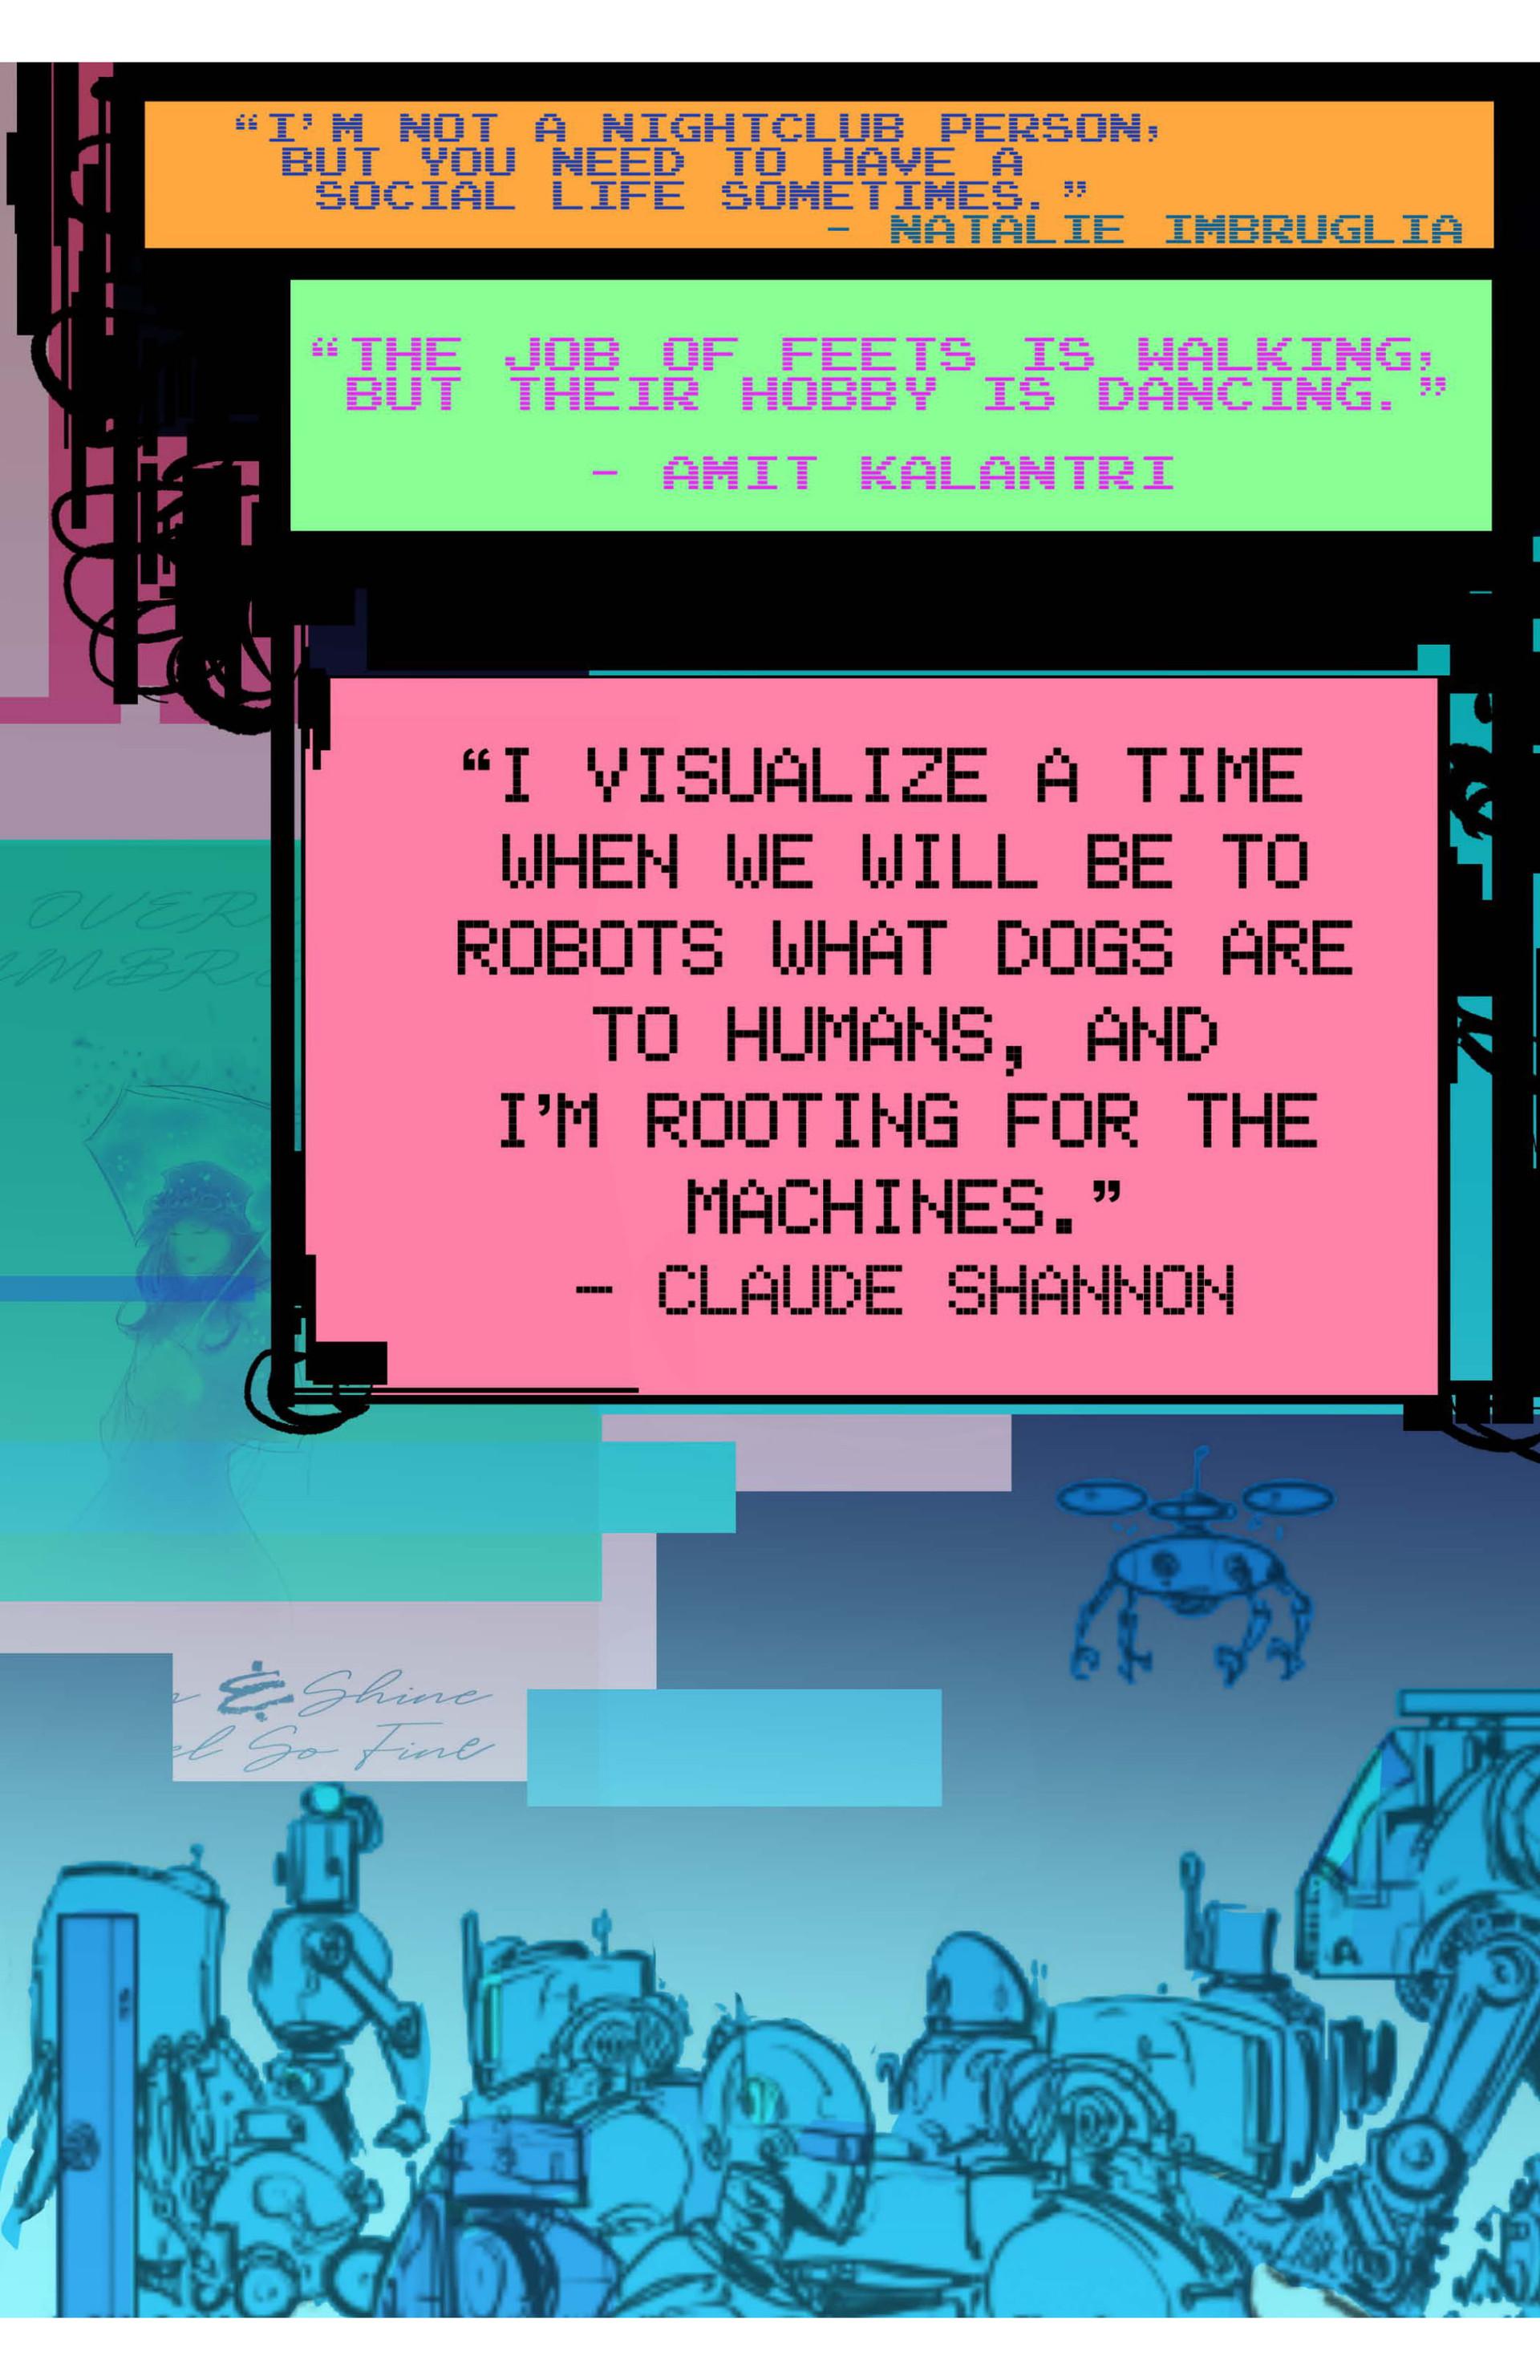 Robot Dance Club-03.jpg